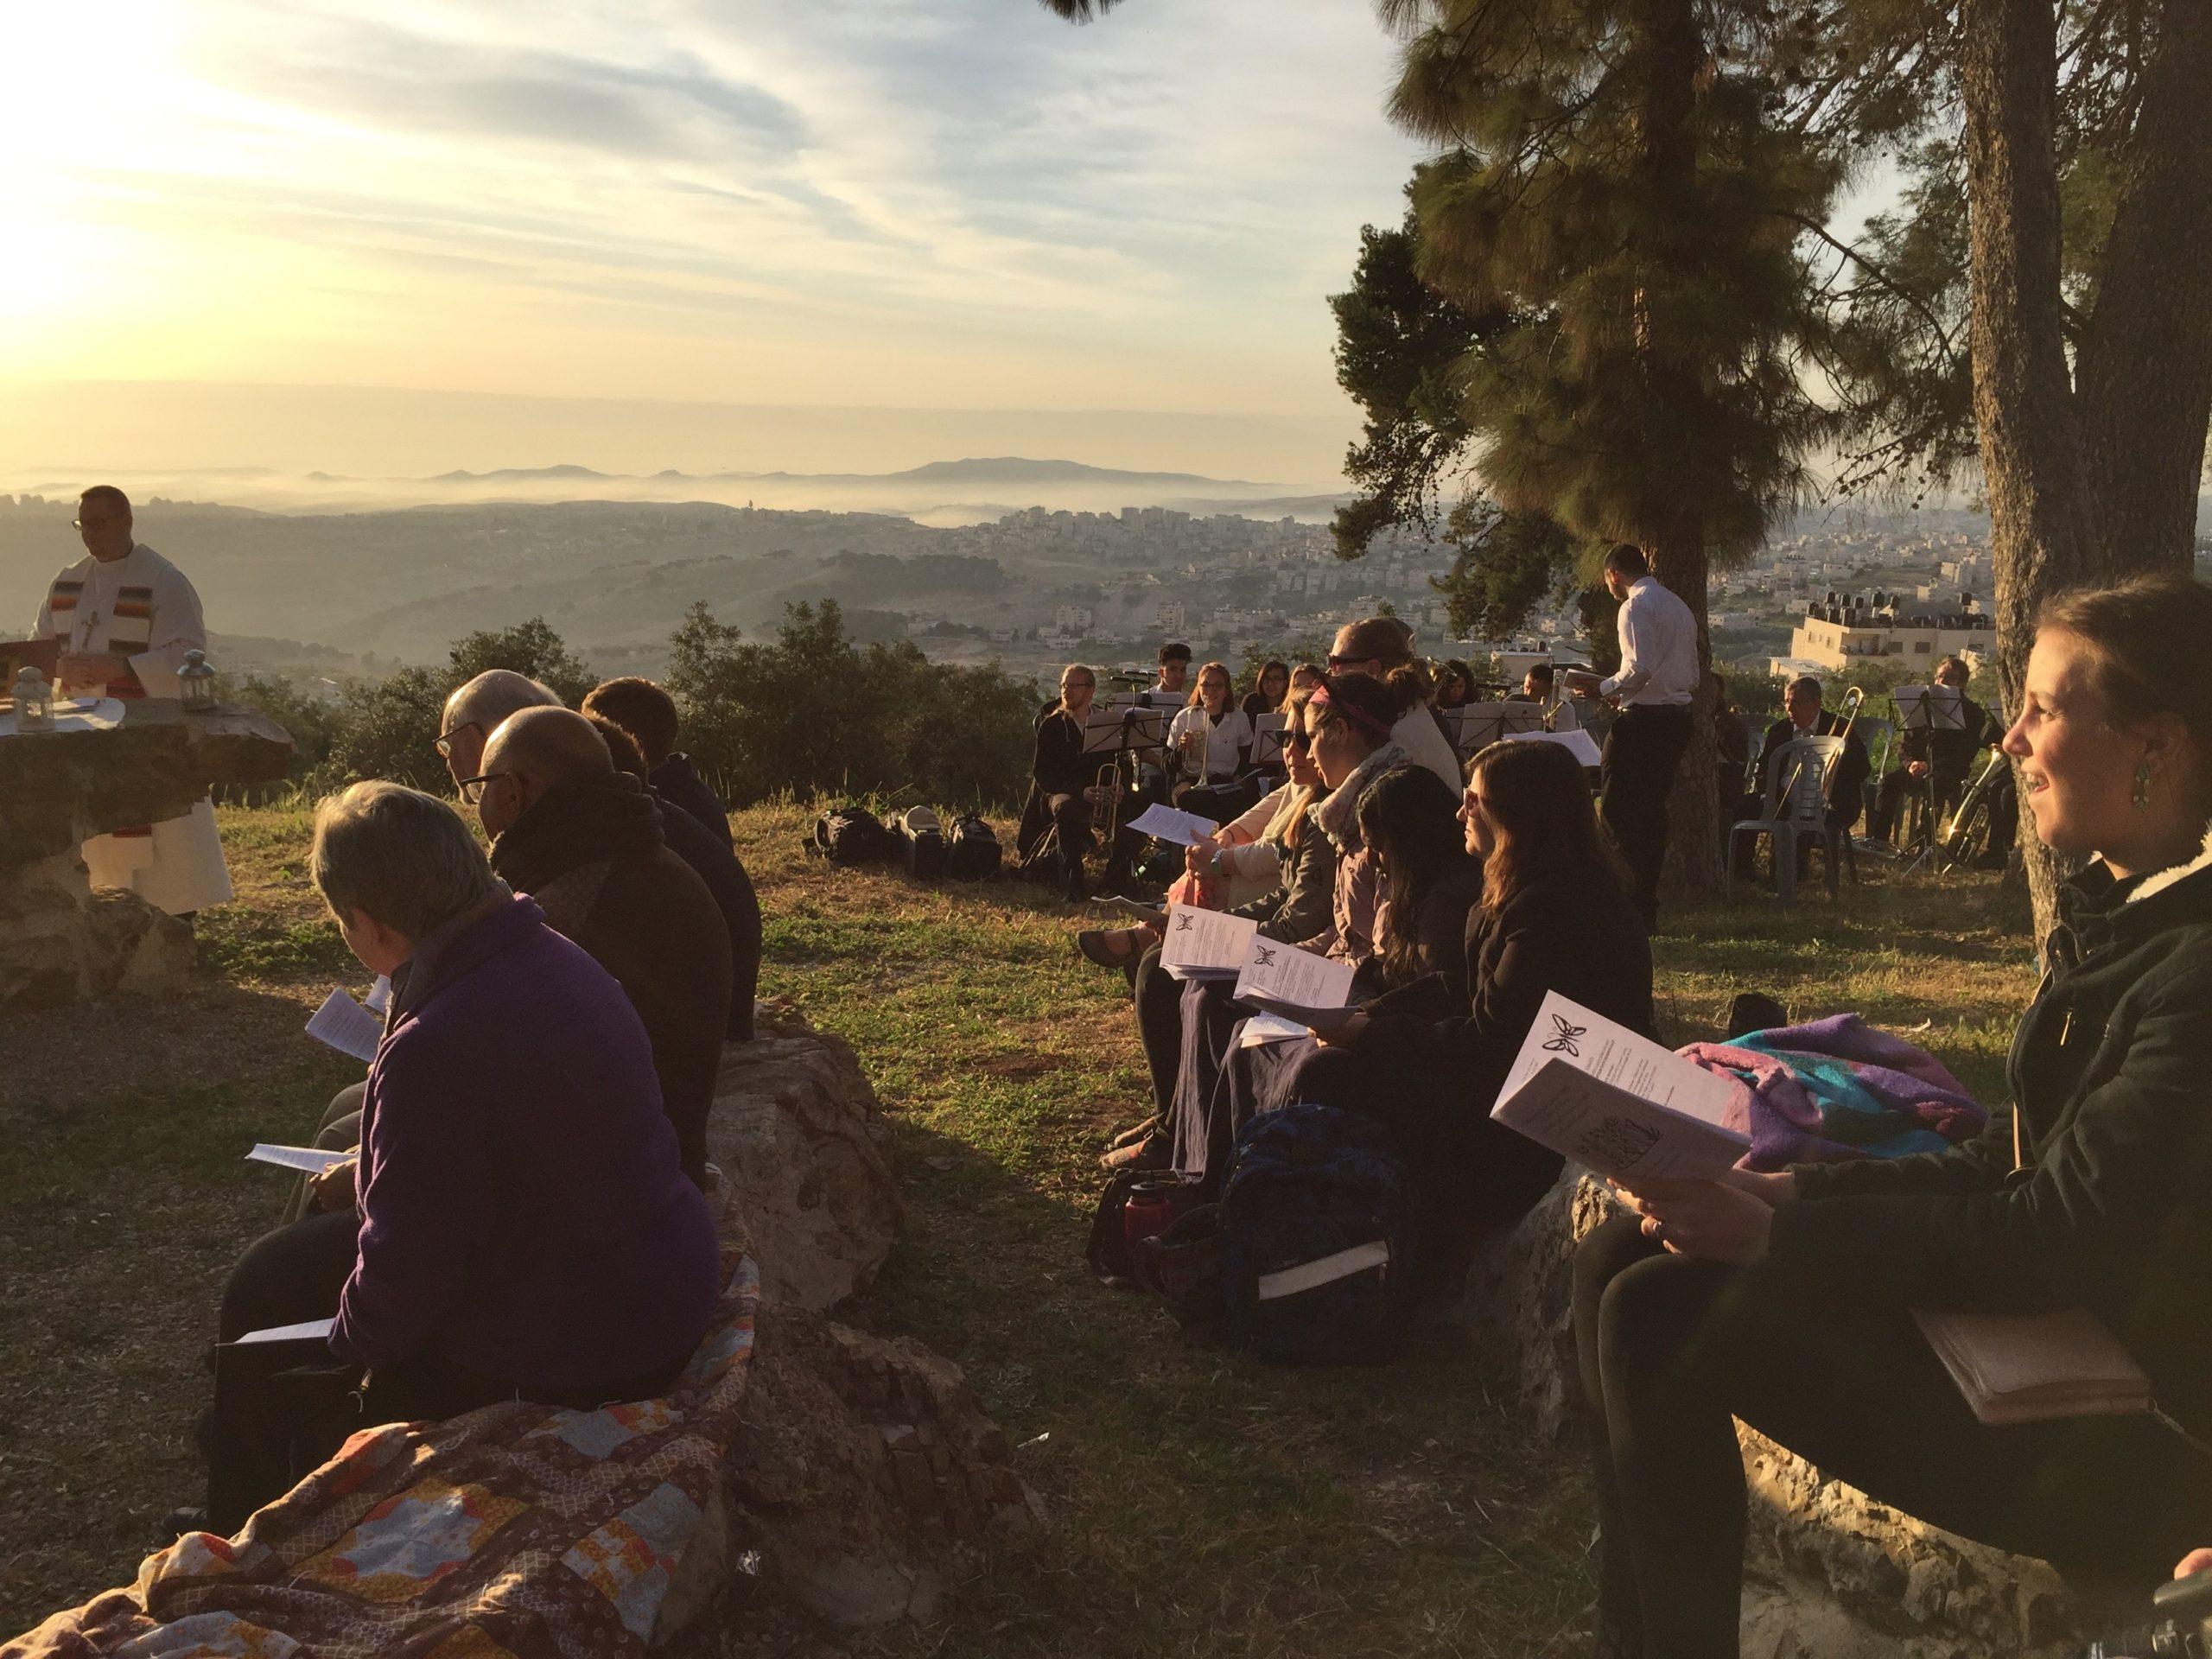 Israel_Palestine_Sara_Makari_Easter_Sunrise_Service_on_Mt._of_Olives_(2).jpeg